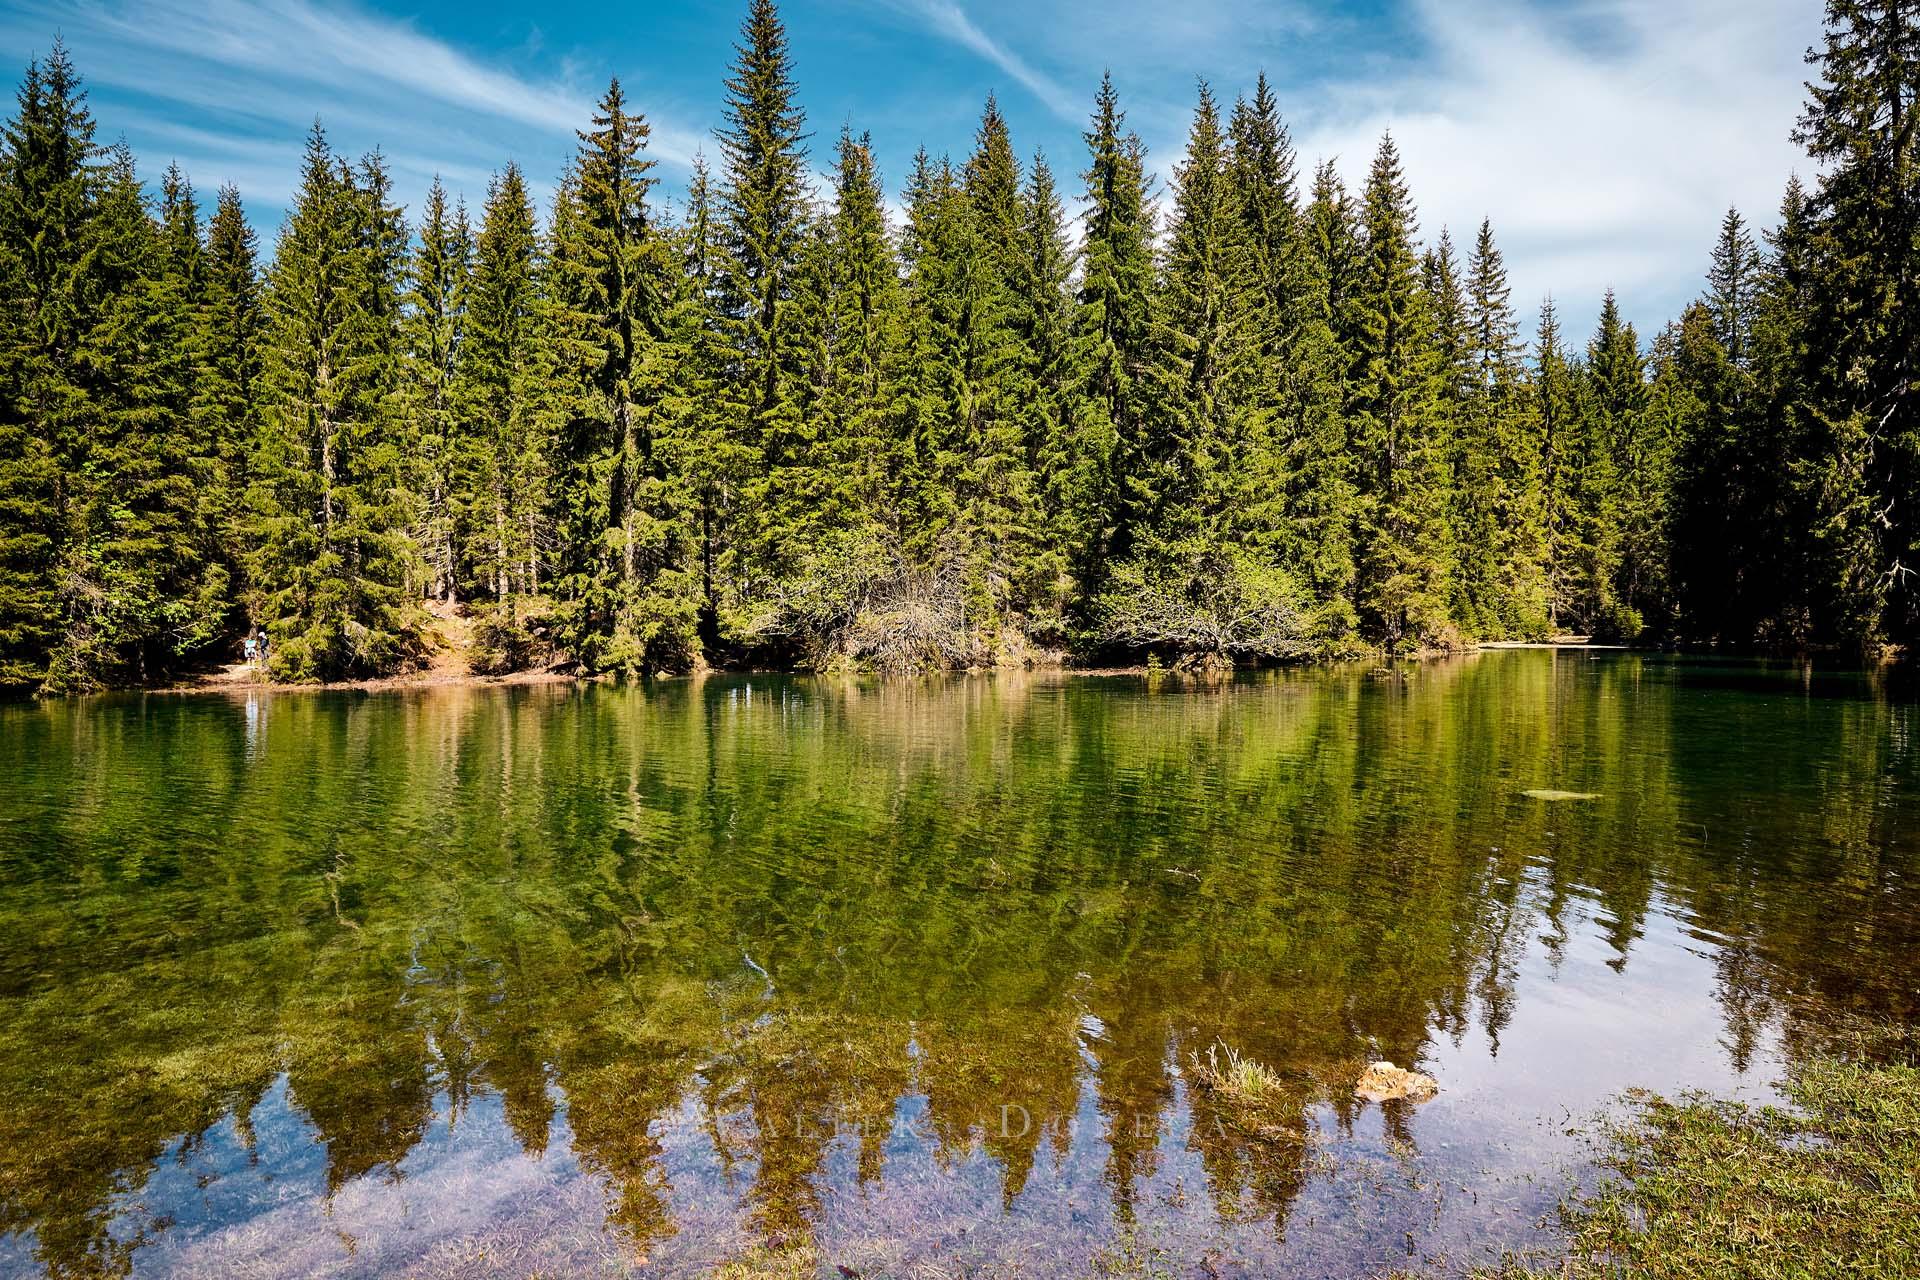 Mittlersee - Lago di mezzo